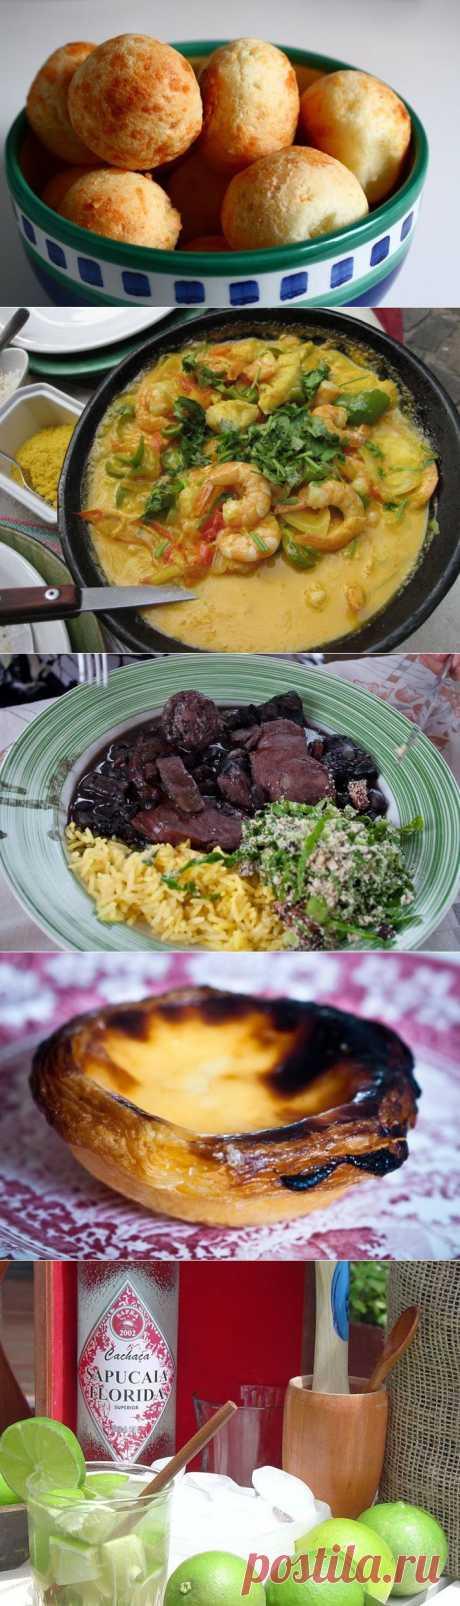 Десятка аппетитных национальных блюд Бразилии